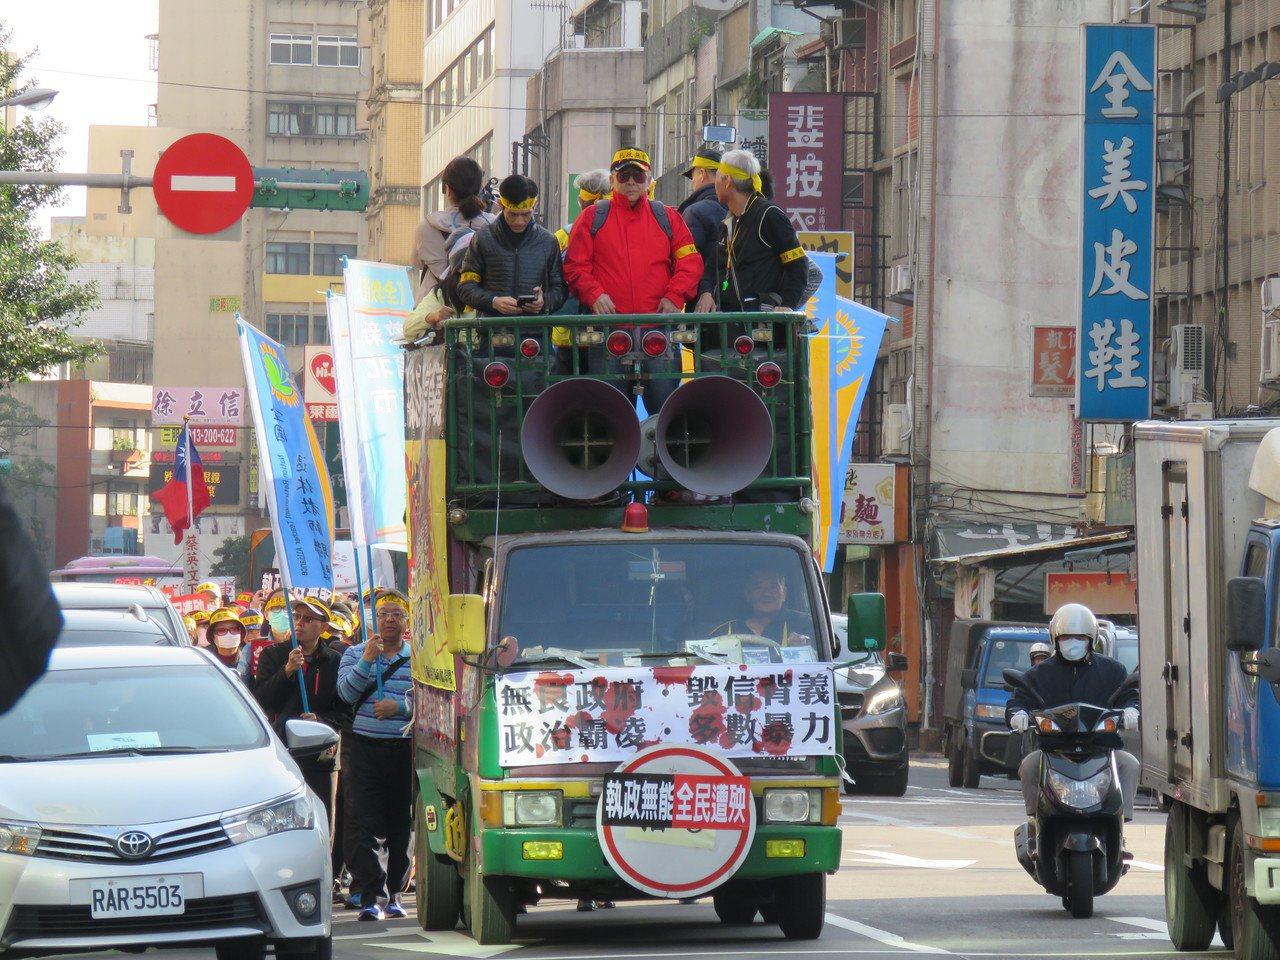 全教產等監督年金改革行動聯盟22日在總統府管制區周邊小規模遊行抗議。報系資料照